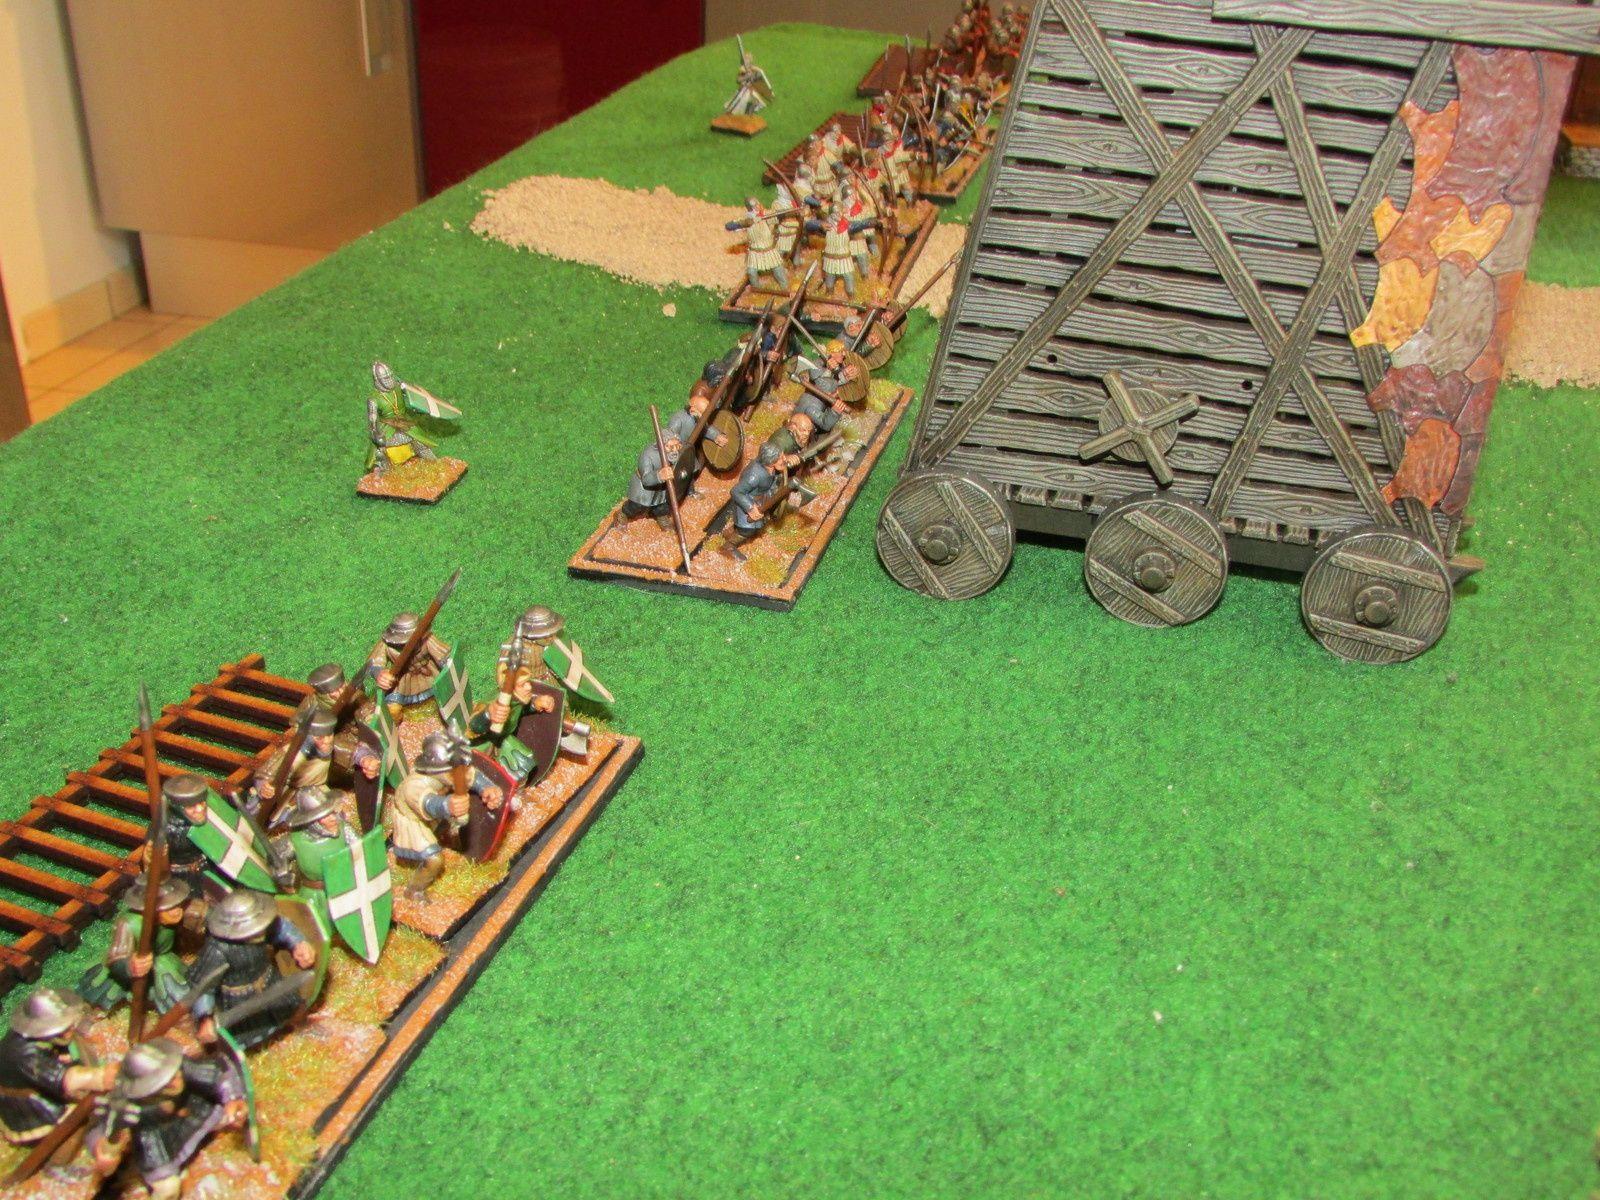 Le Comte de Devon et le Duc de Winchester quant à eux prennent place et dressent une tour de siège pour accélérer les discutions...